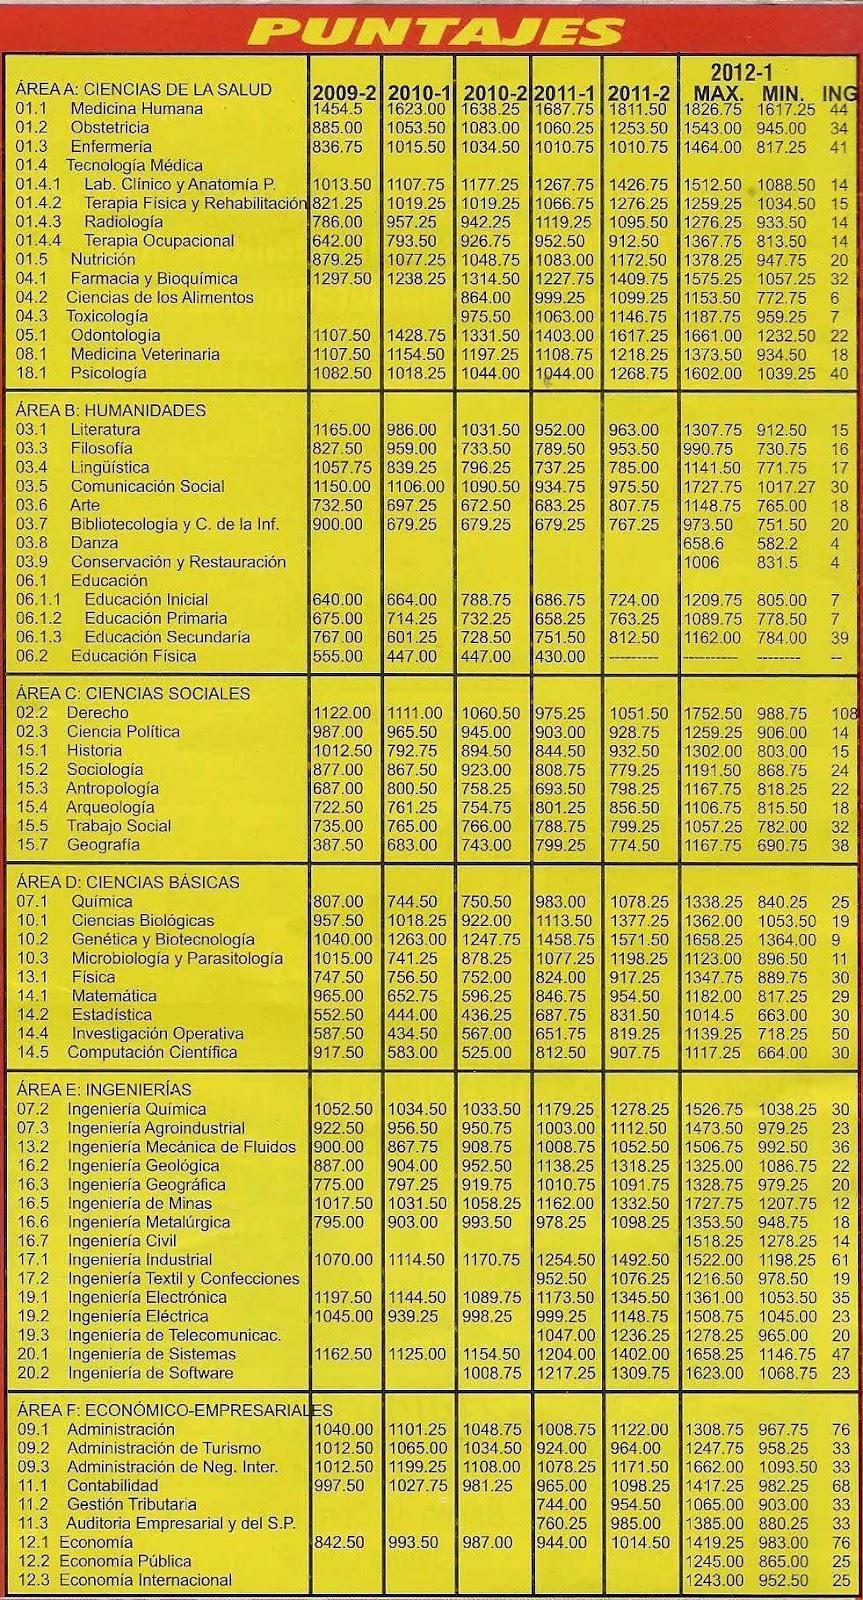 Puntajes máximos y mínimos 2012 (Examen de Admisión UNMSM)